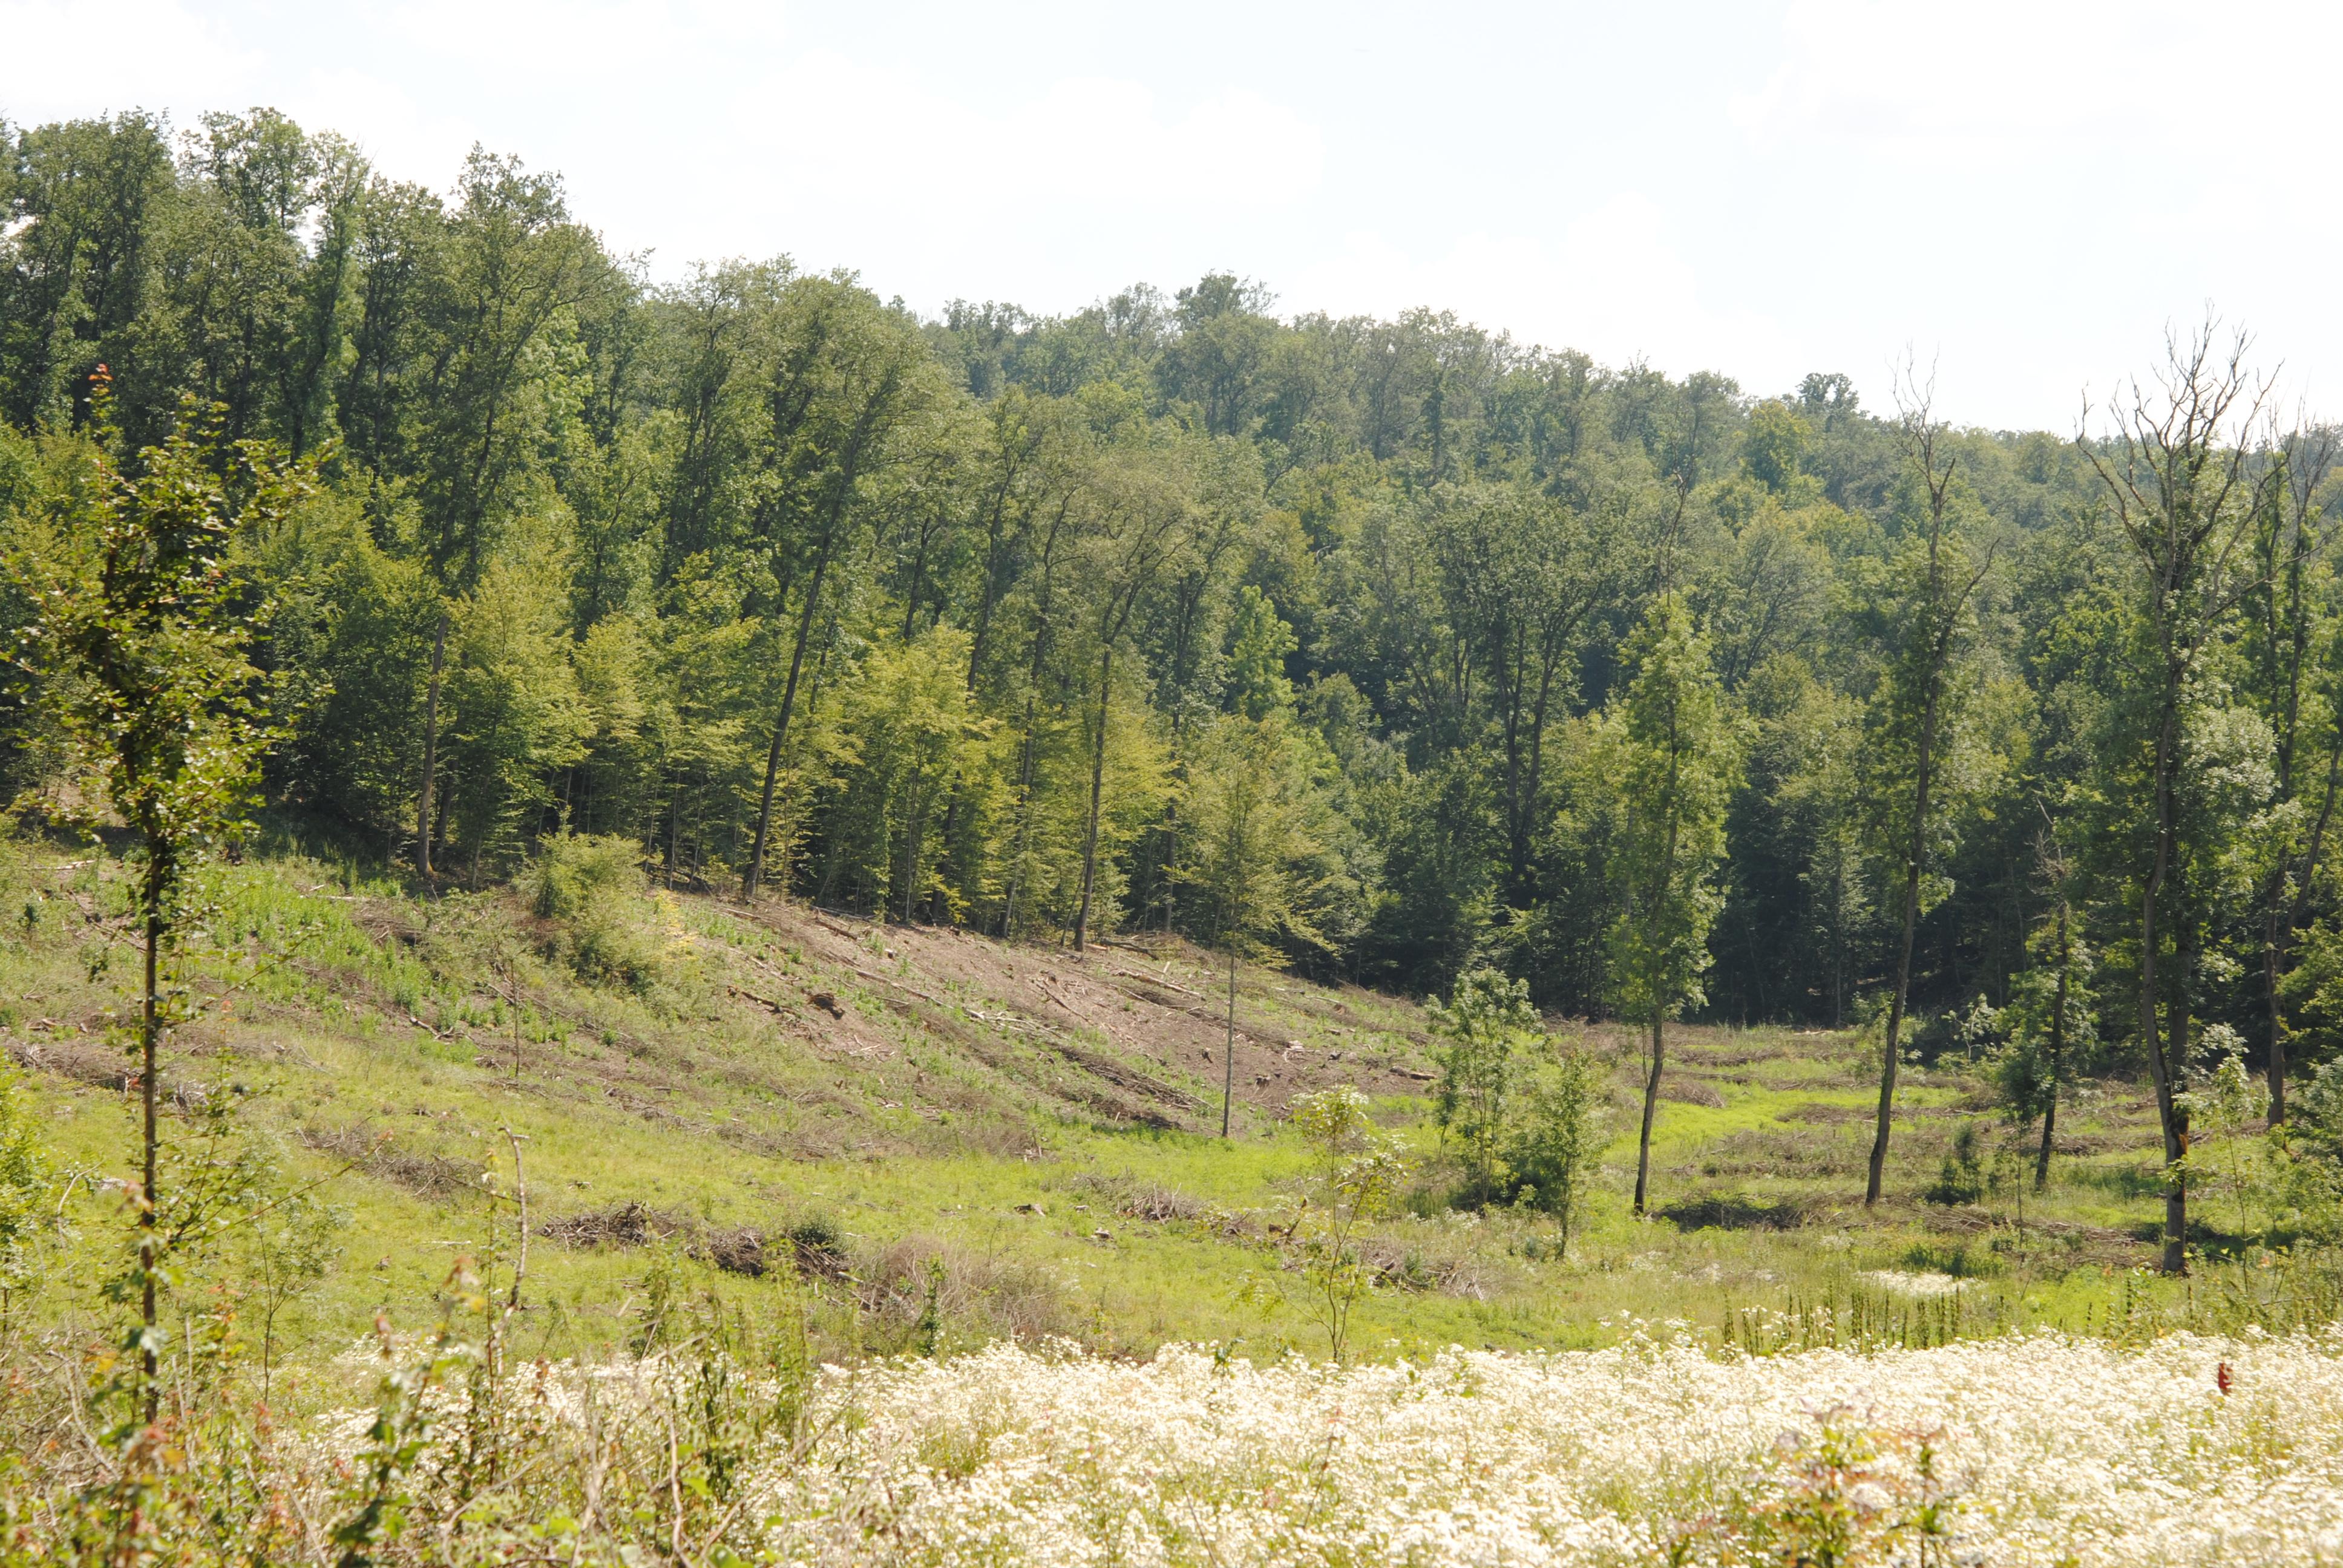 Asociaţia Excelsior a avizat modernizarea drumului din Pădurea Neudorf